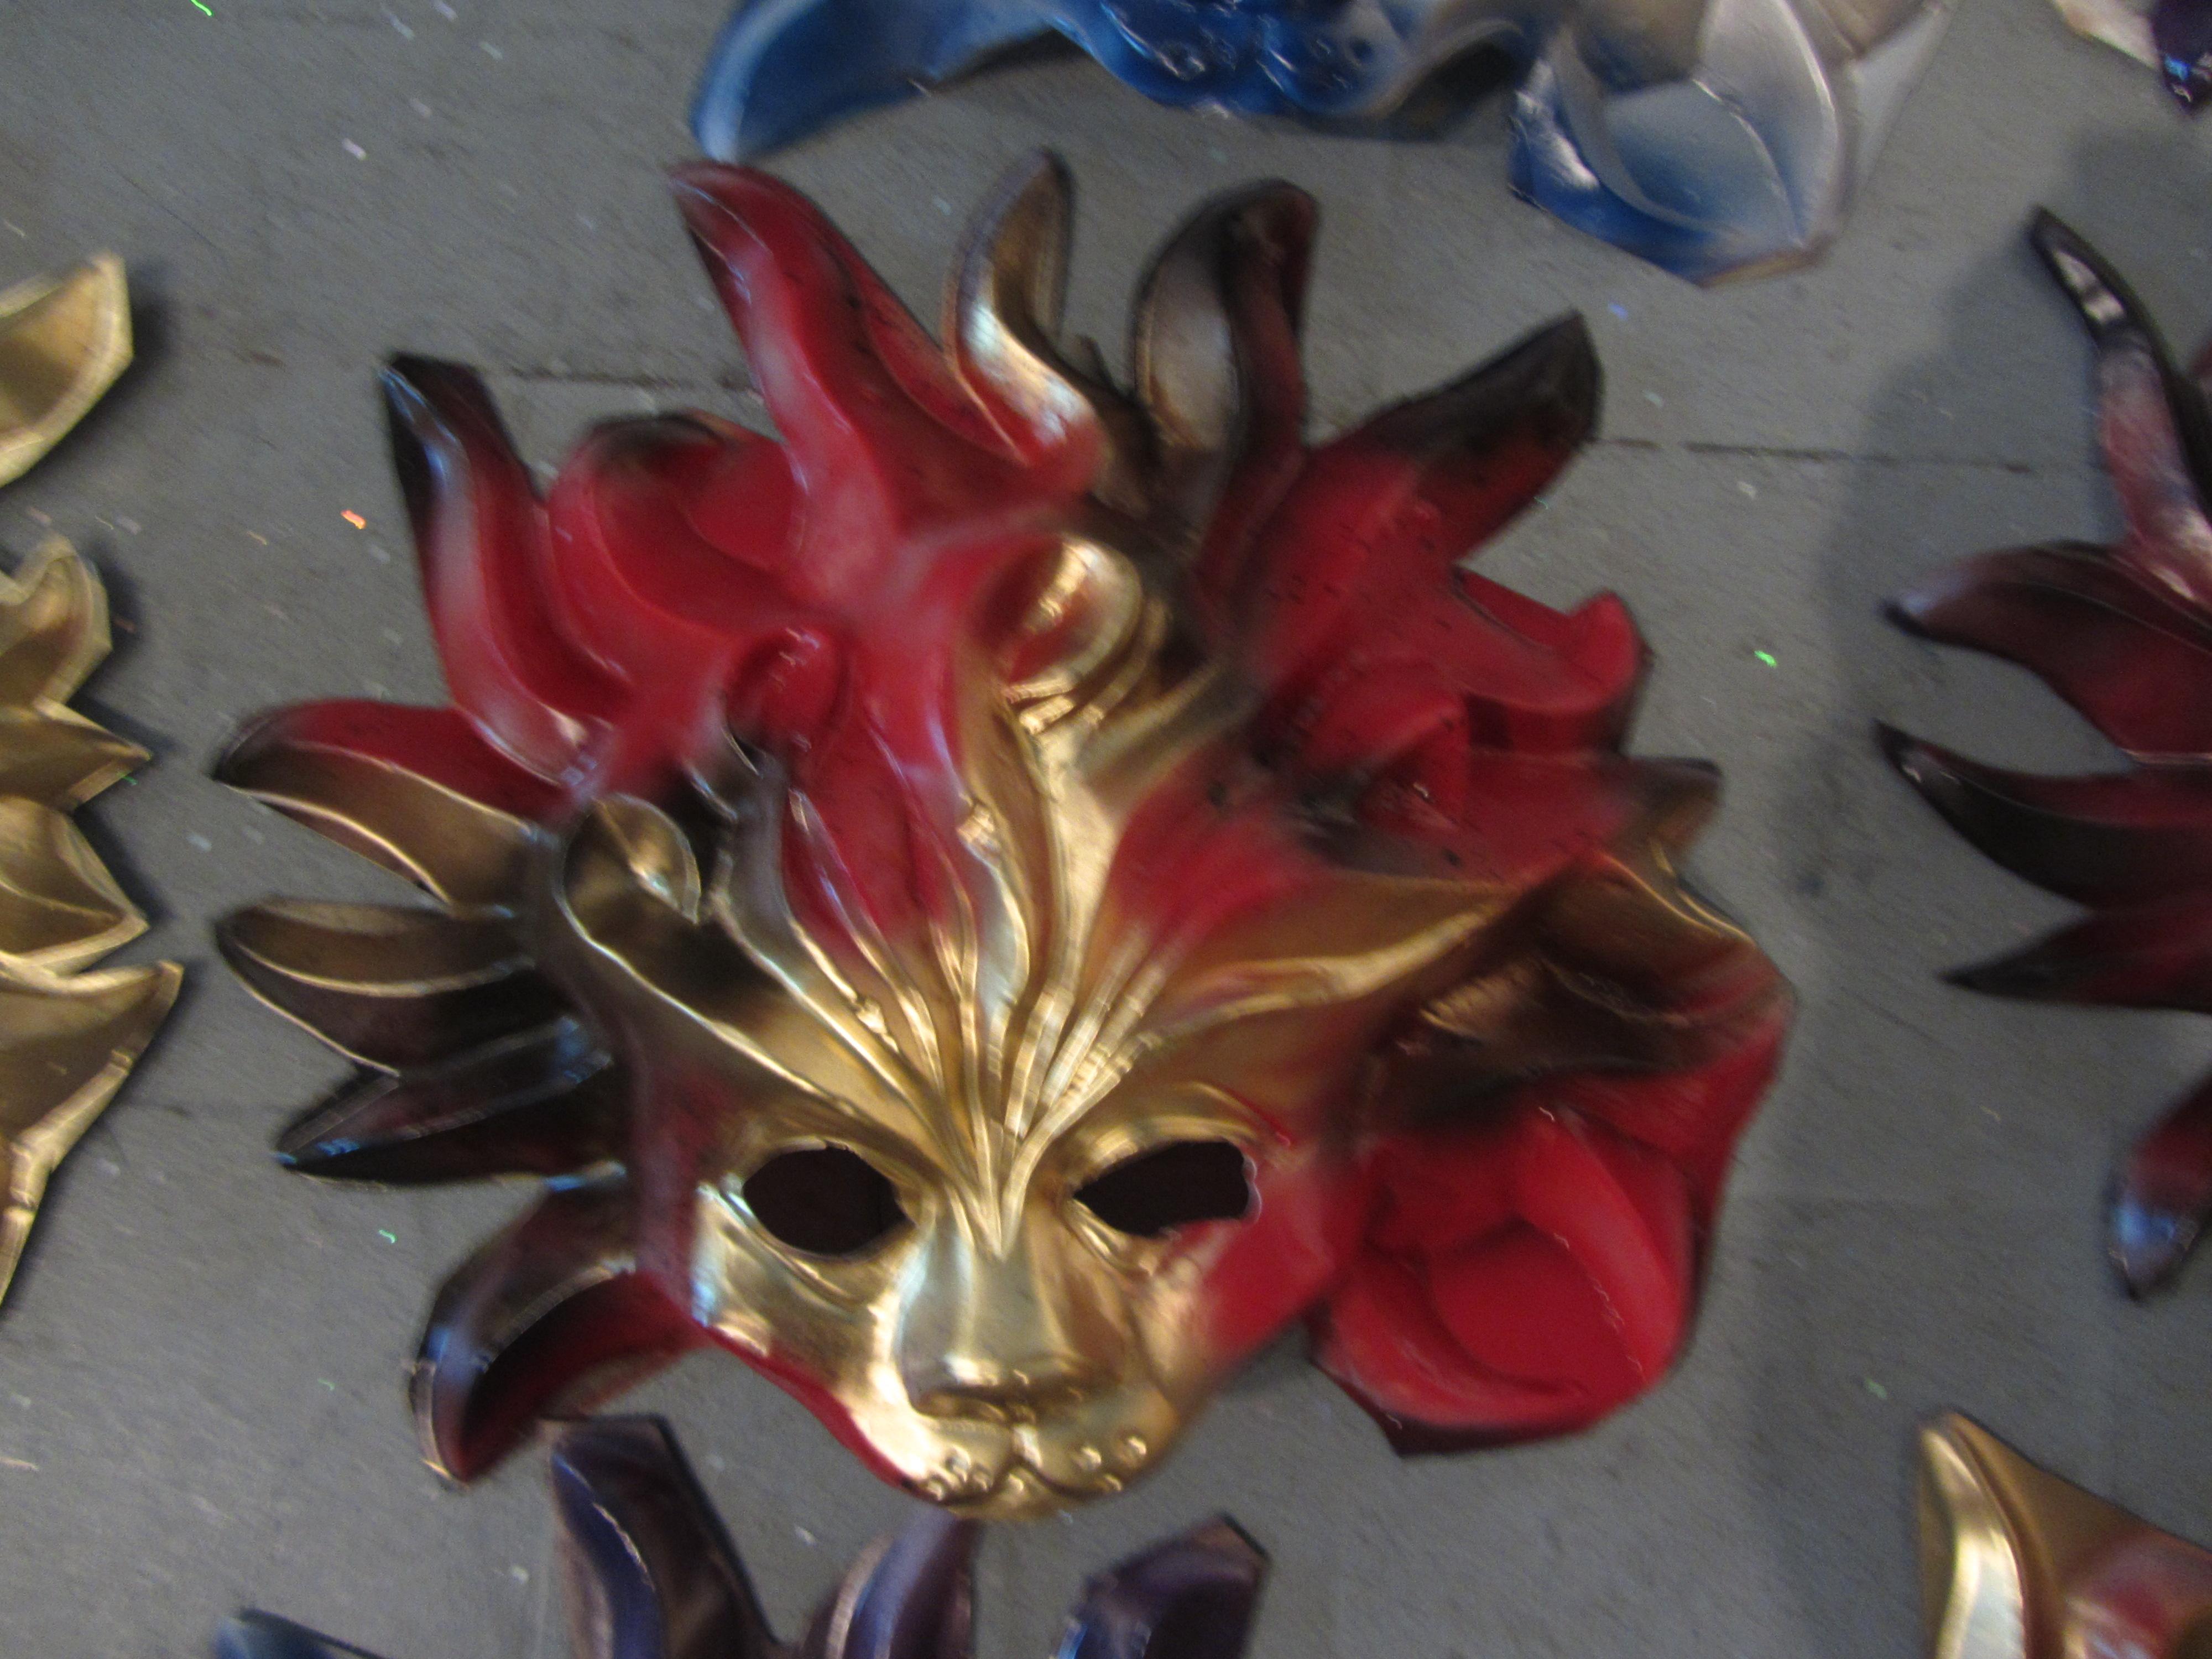 80 masks